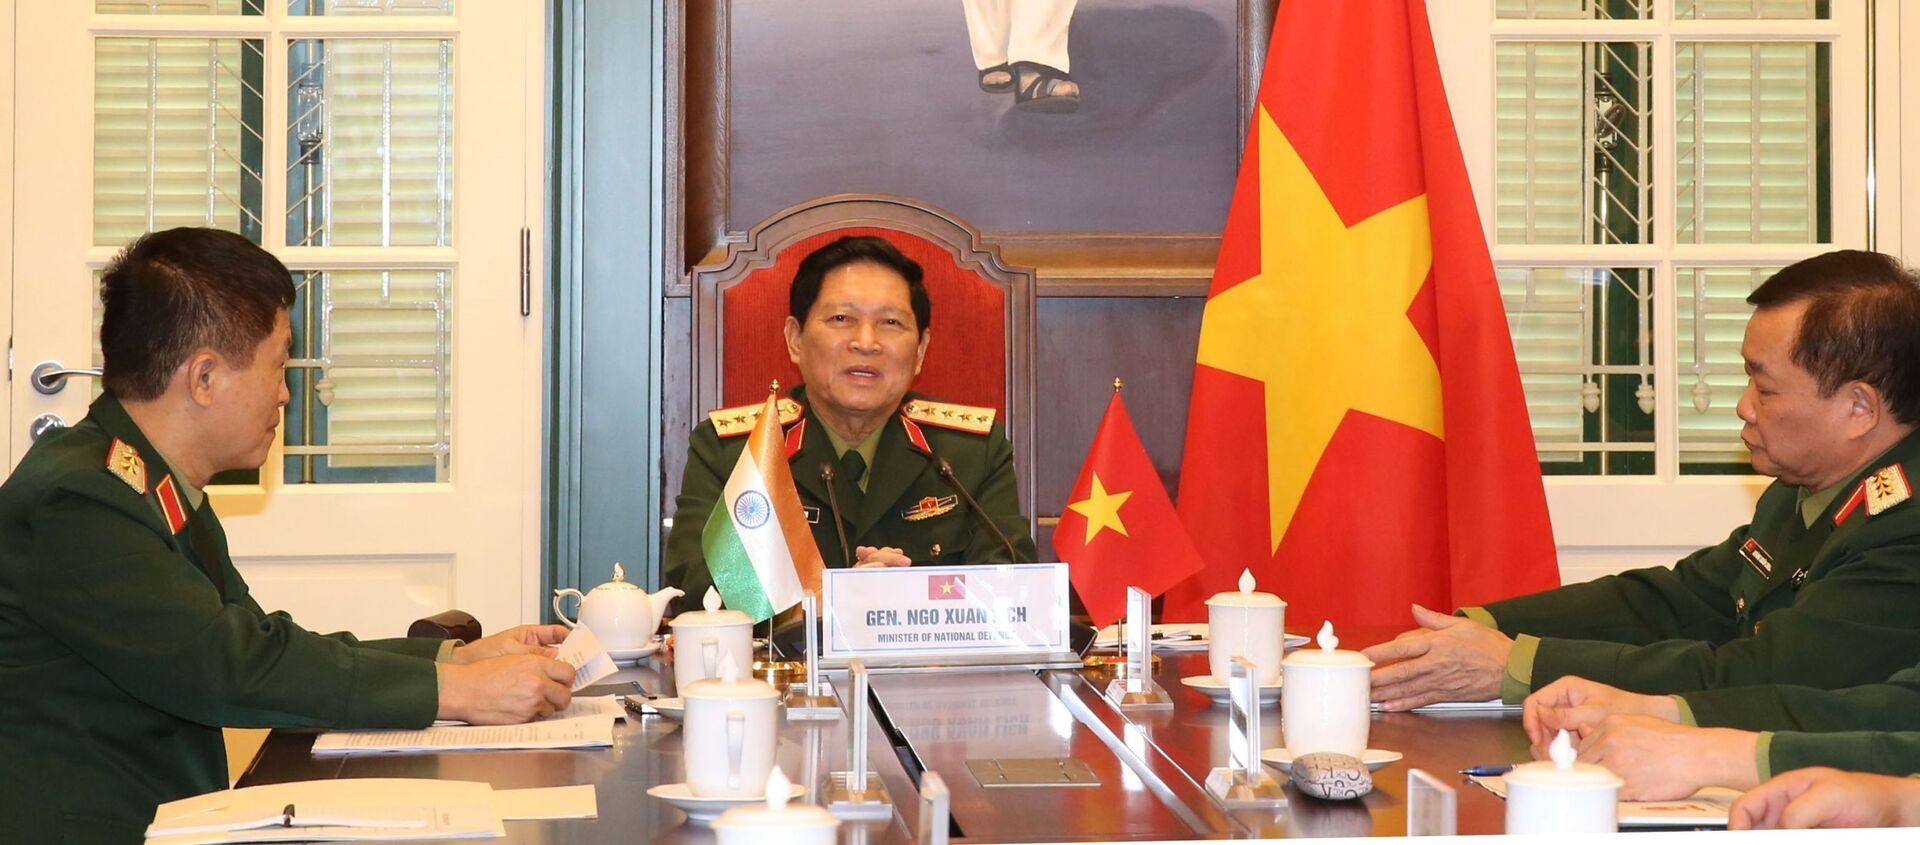 Đại tướng Ngô Xuân Lịch, Bộ trưởng Bộ Quốc phòng điện đàm với Ngài Rajnath Singh, Bộ trưởng Bộ Quốc phòng Ấn Độ. - Sputnik Việt Nam, 1920, 27.11.2020